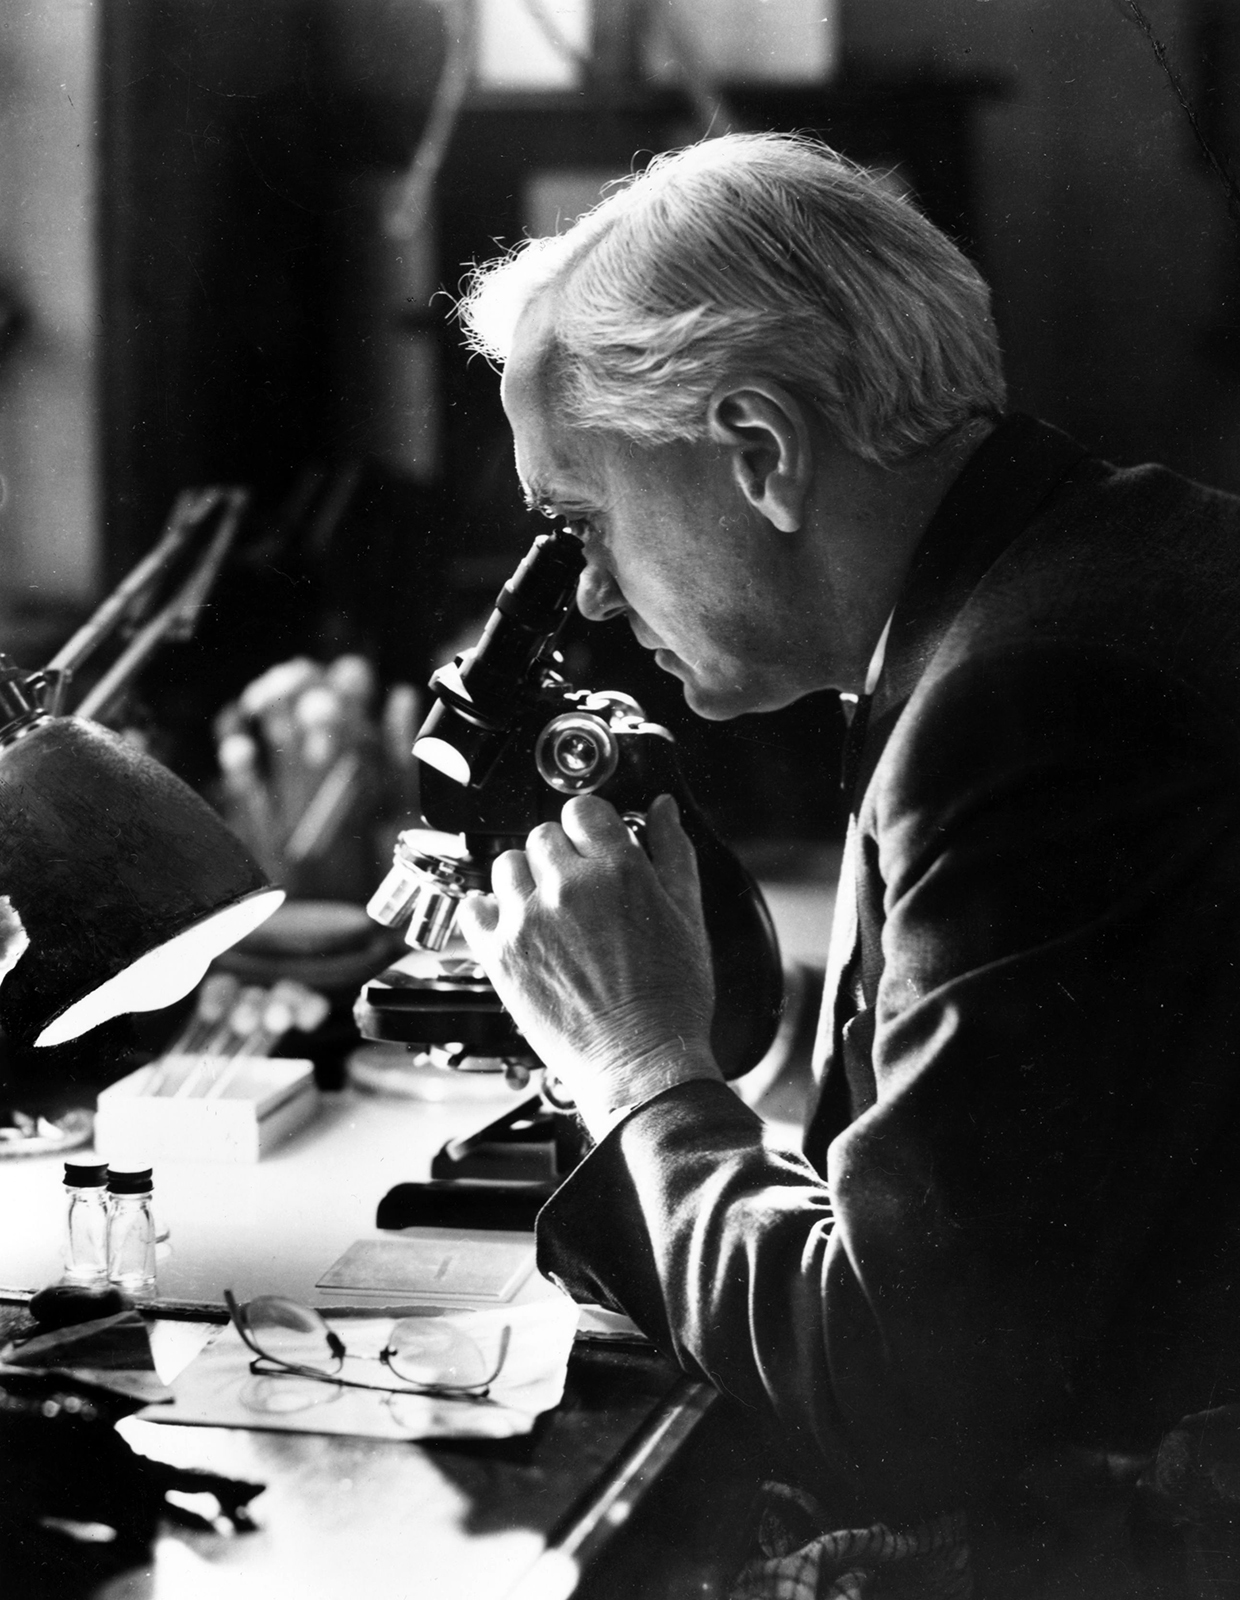 Scoperto il primo antibiotico nel 1928 grazie a Fleming.